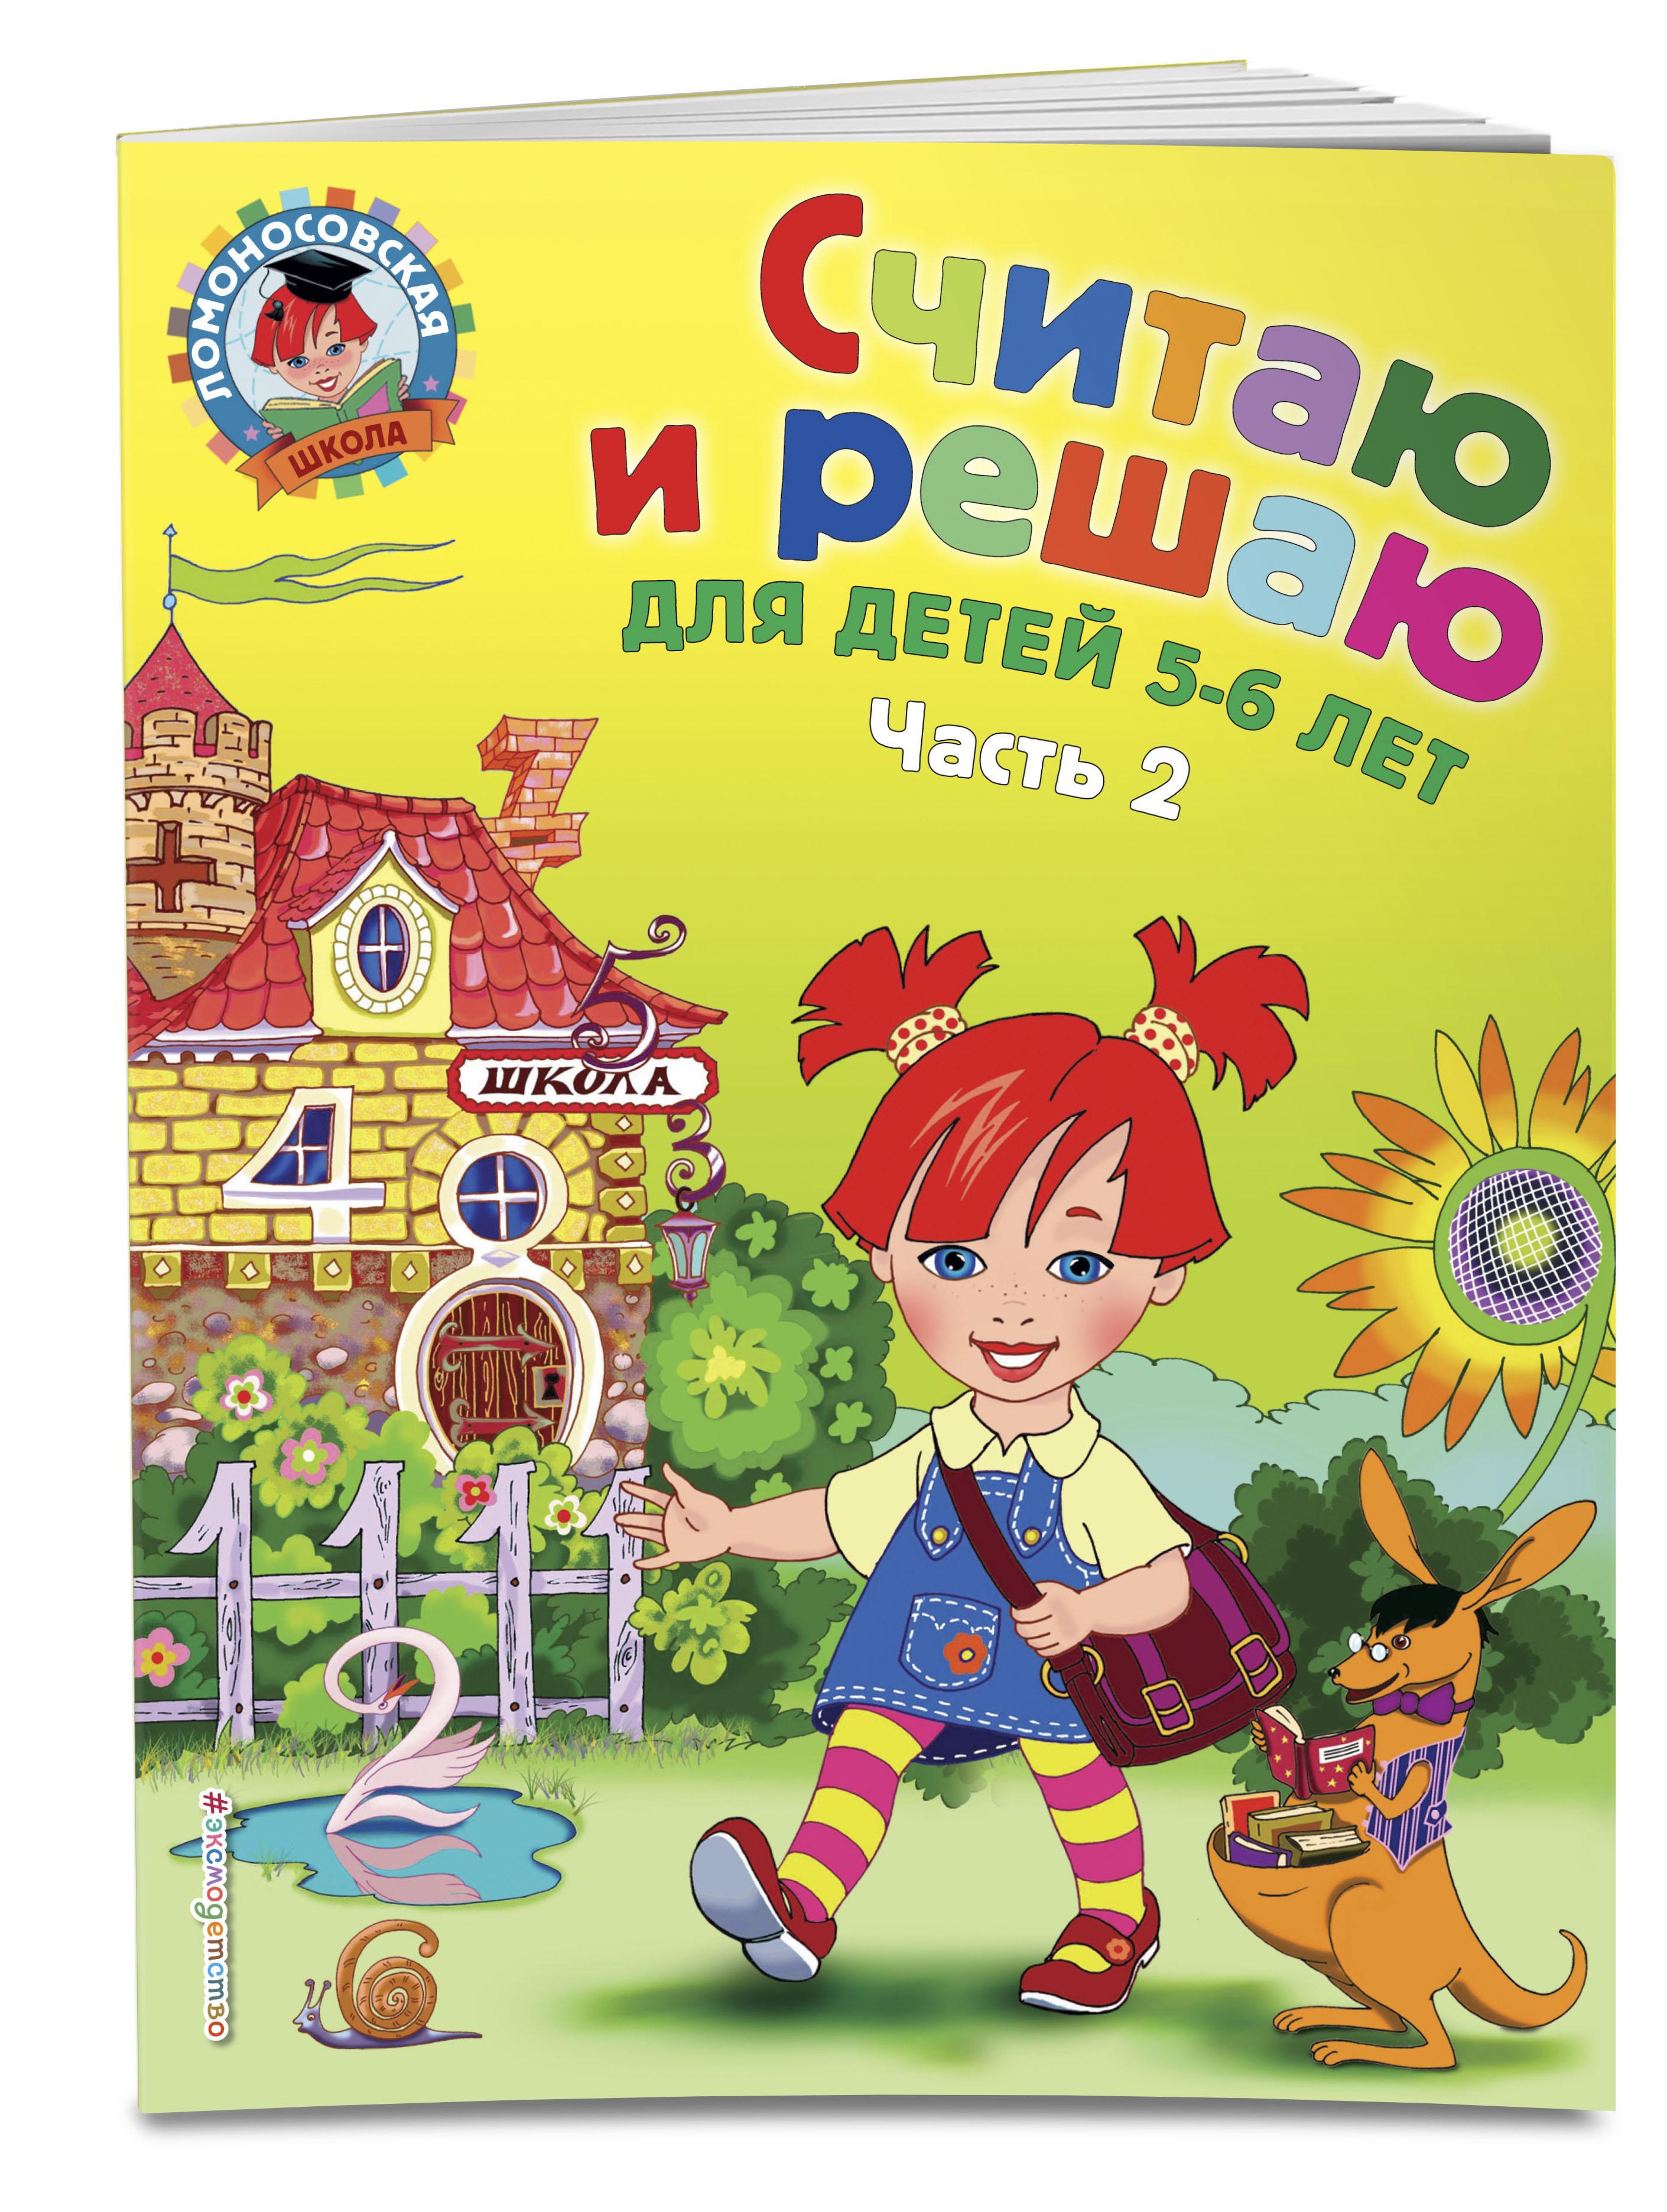 Н. В. Володина Считаю и решаю: для детей 5-6 лет. Ч. 2, 2-е изд., испр. и перераб.